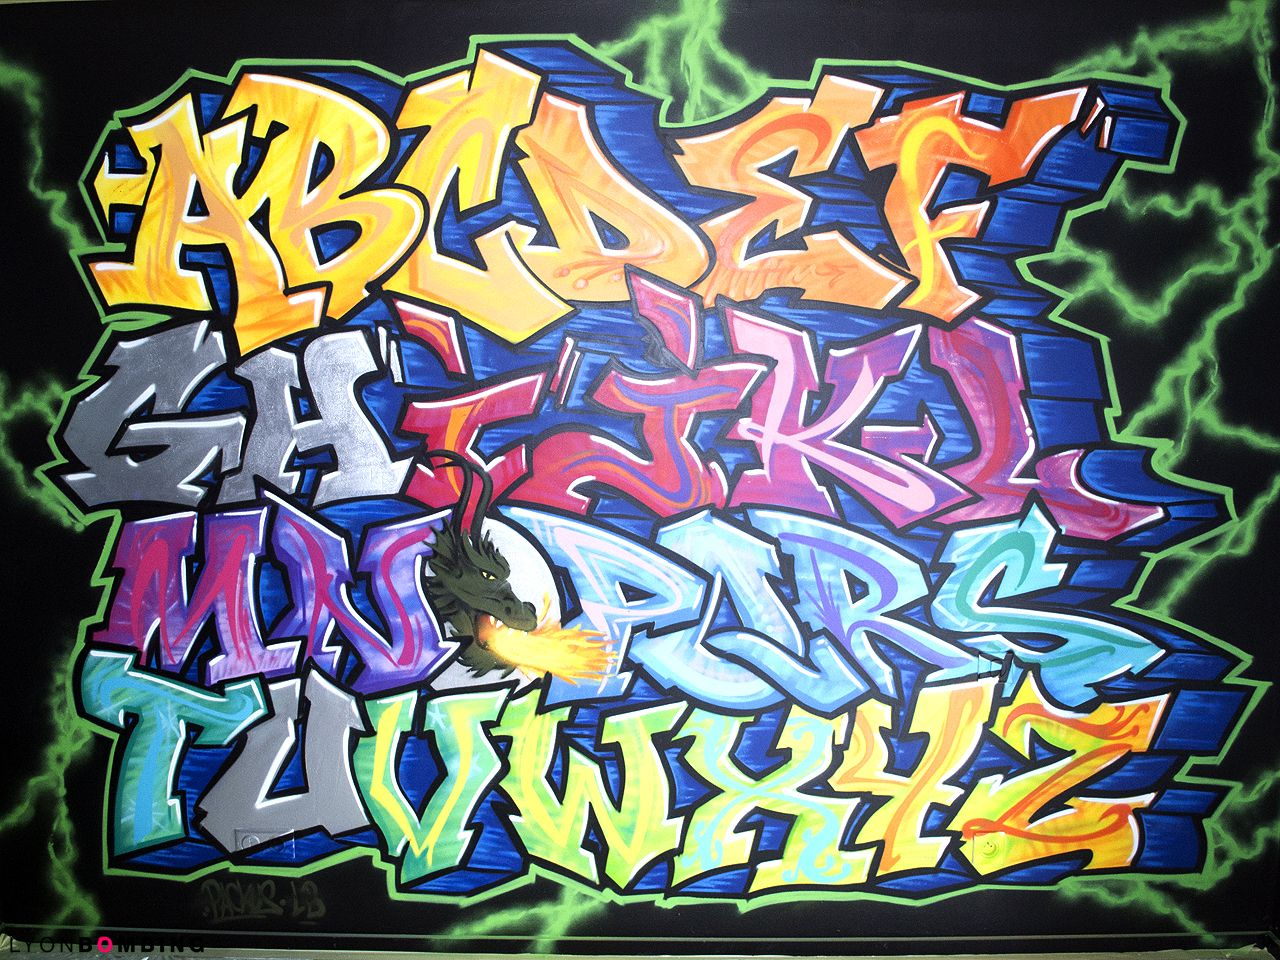 Chambre ab c daire graffiti chambre lyonbombing graffitti graffiti lettre graffiti - Lettre graffiti modele ...